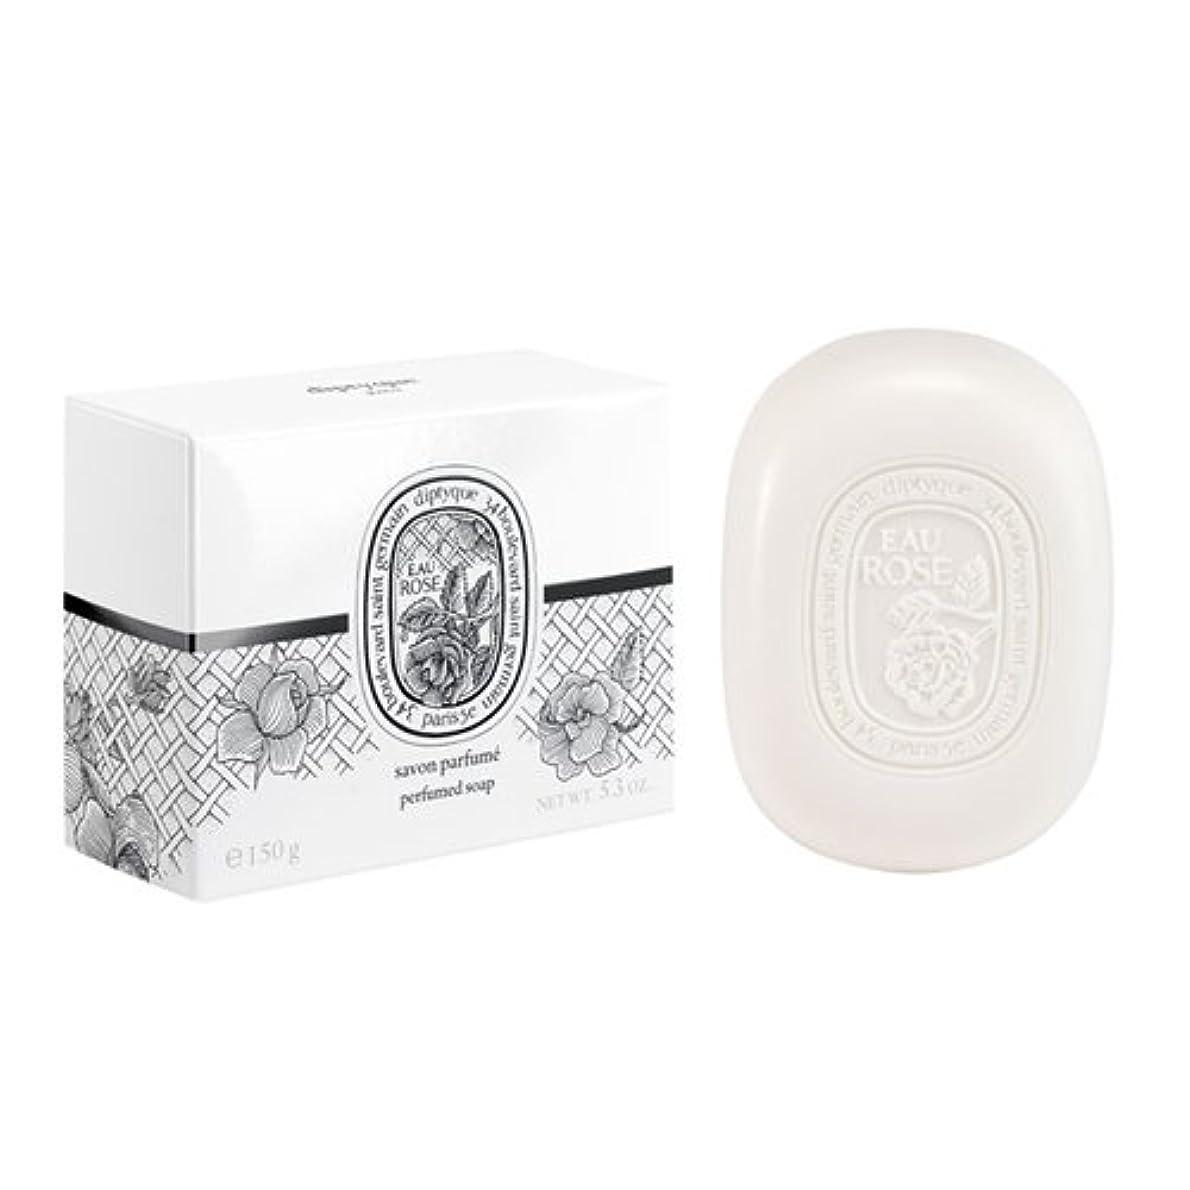 ディプティック フレグランスソープ オーローズ 150g DIPTYQUE EAU ROSE SOAP [並行輸入品]